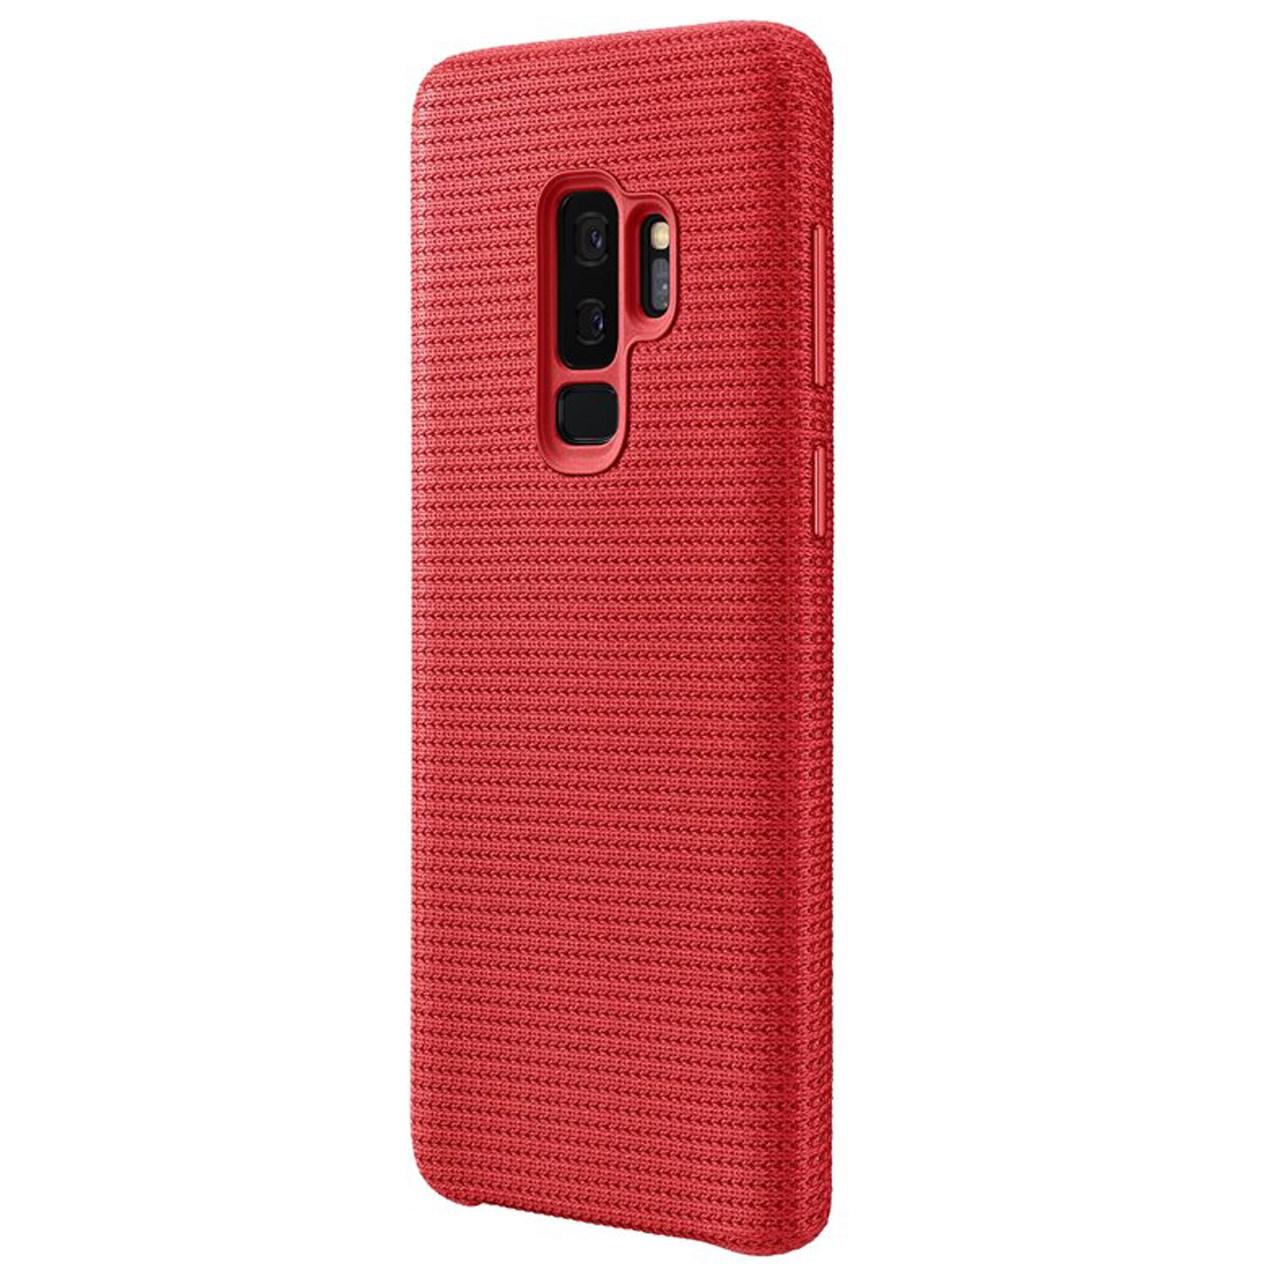 کاور گوشی مدل Hyperknit مناسب برای گوشی موبایل Galaxy S9 Plus